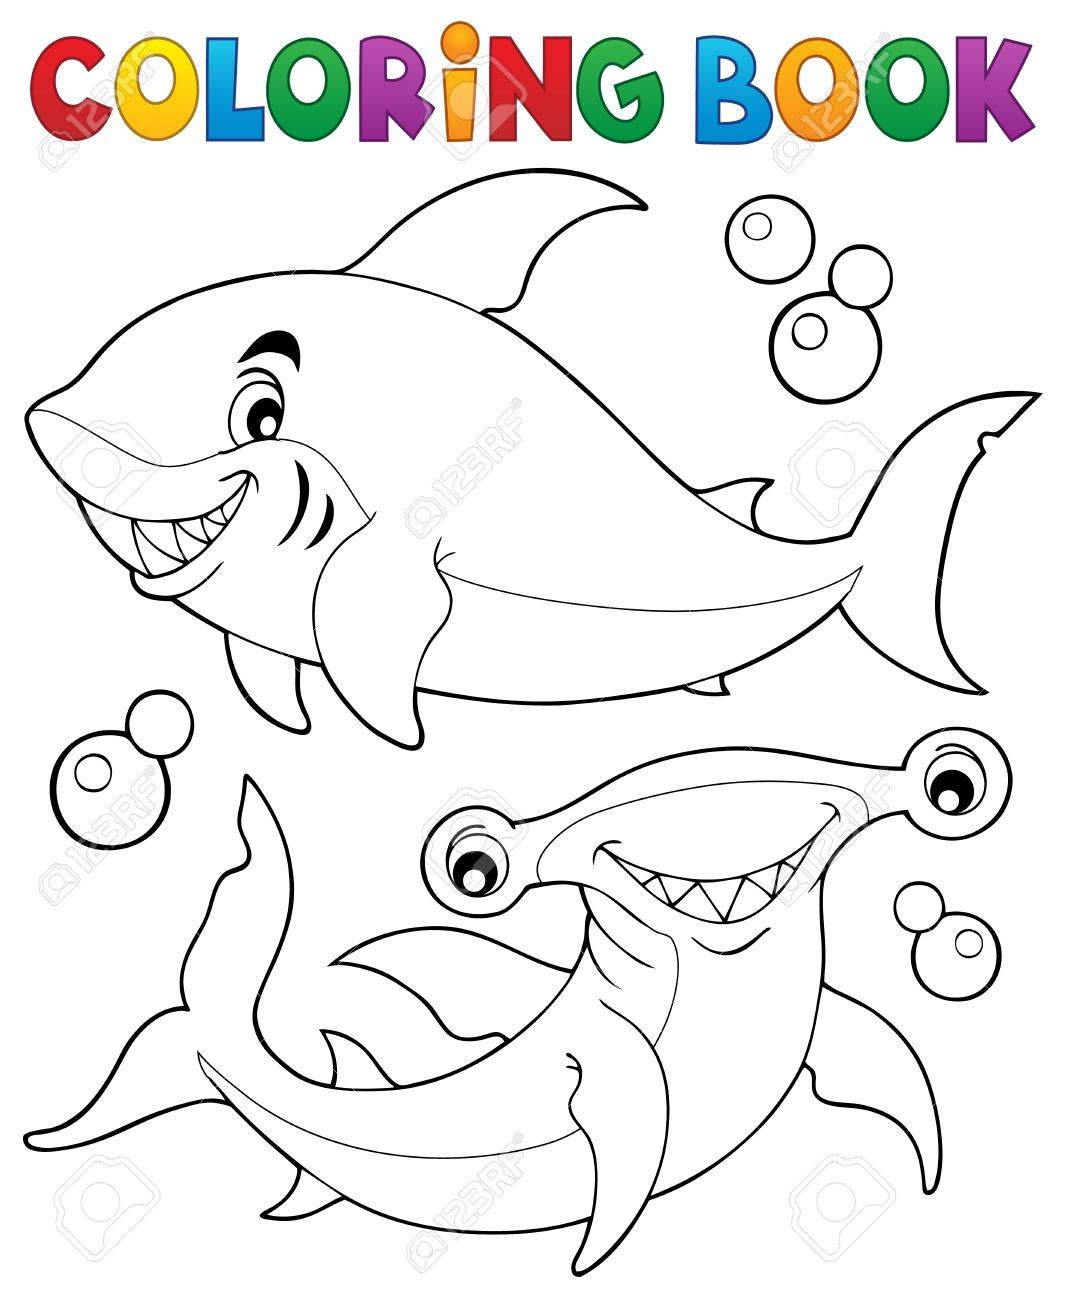 Libro Para Colorear Con Dos Tiburones - Ilustración Vectorial ...